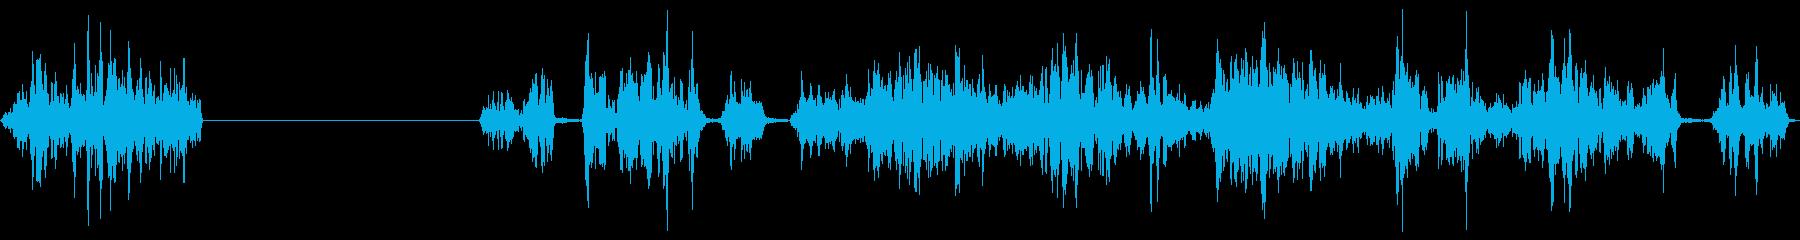 ロックスクリーン、ロックアゲインス...の再生済みの波形